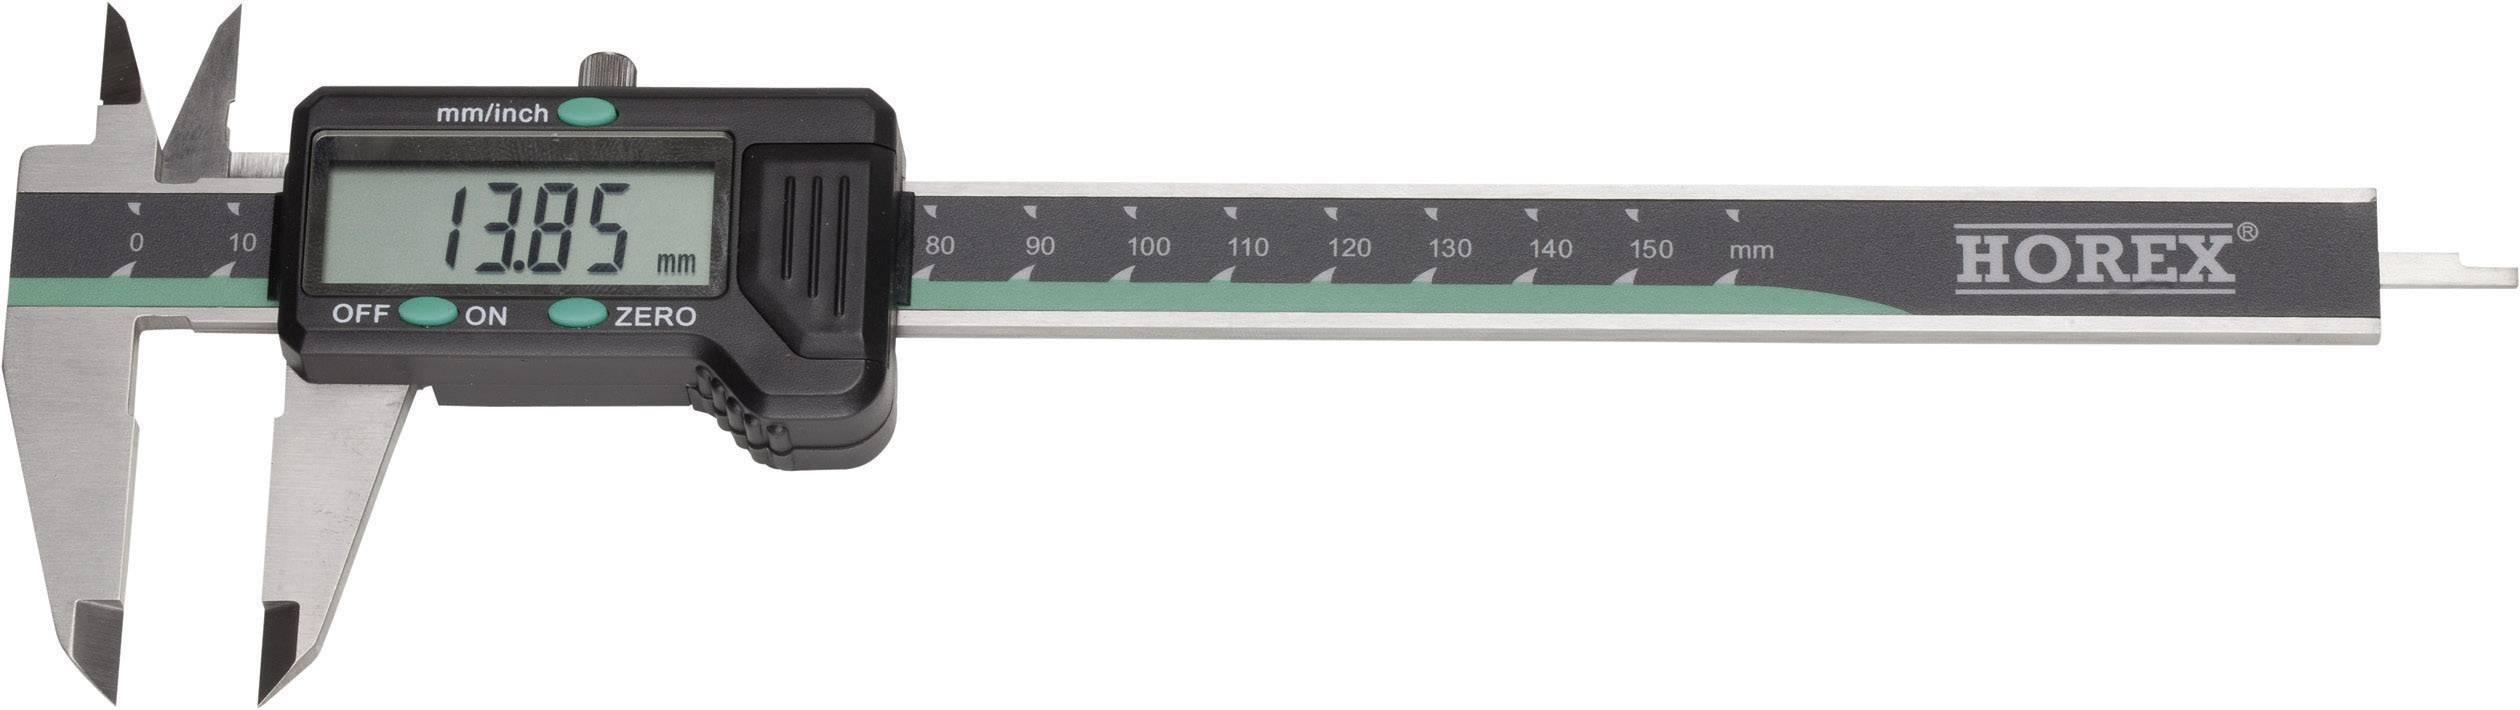 Digitální posuvné měřítko Horex 2211216, 150 mm